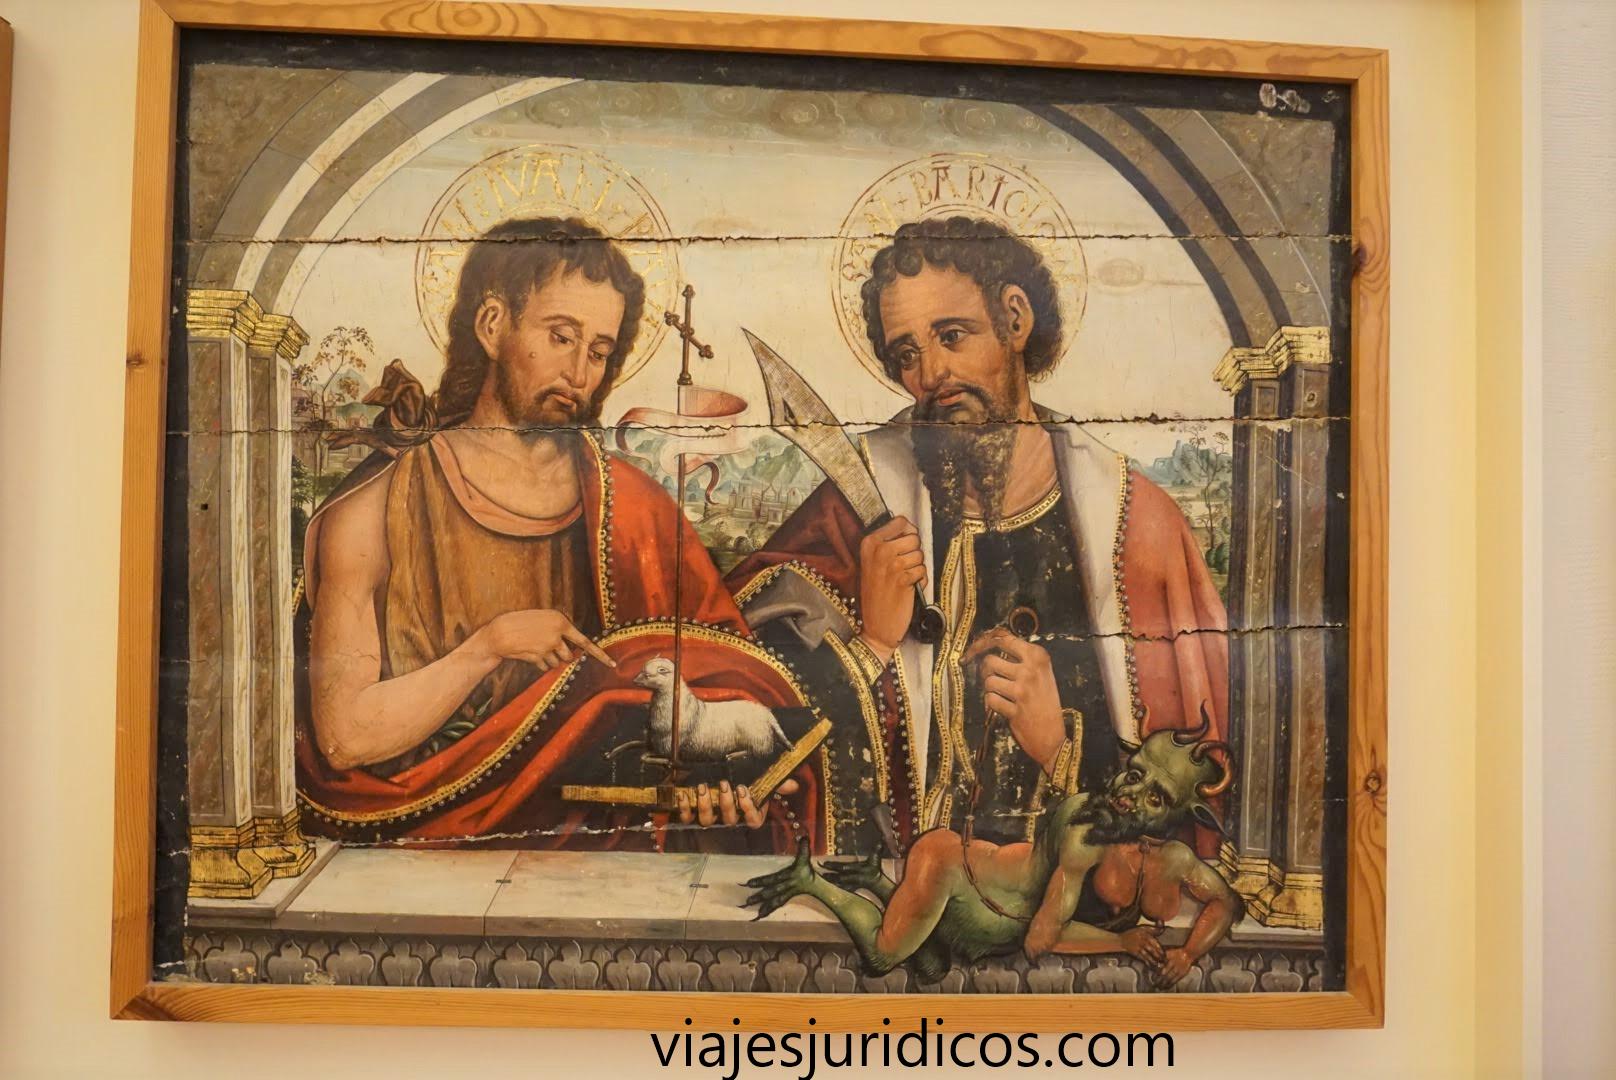 Diablesa de Astorga retablo Román de Bécares